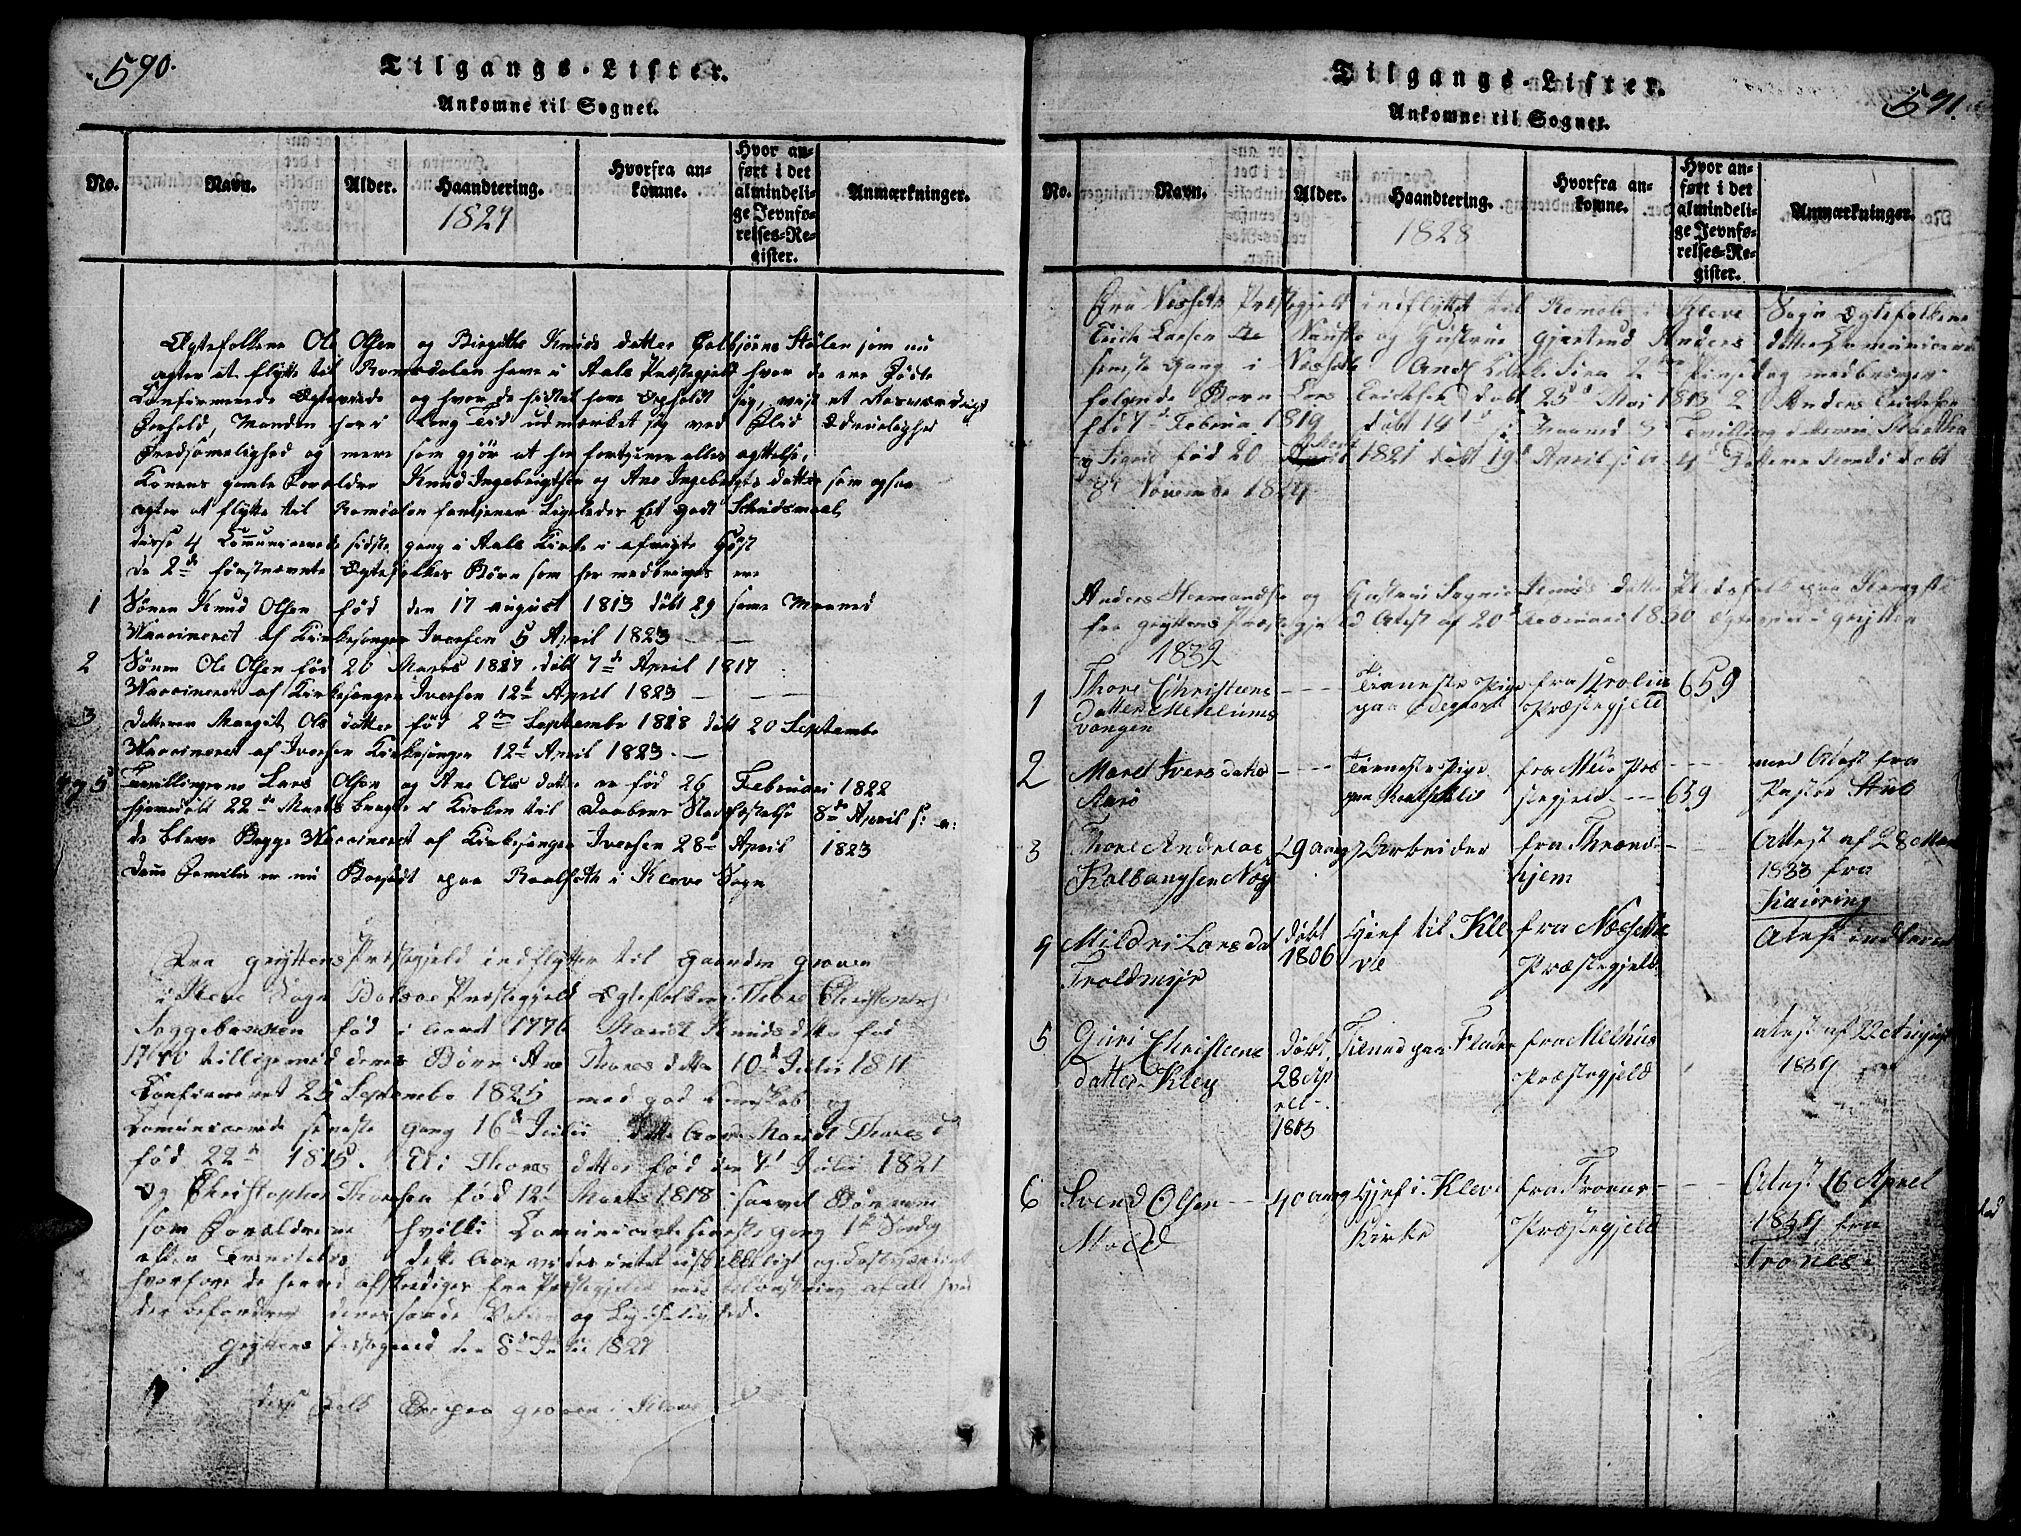 SAT, Ministerialprotokoller, klokkerbøker og fødselsregistre - Møre og Romsdal, 557/L0683: Klokkerbok nr. 557C01, 1818-1862, s. 590-591